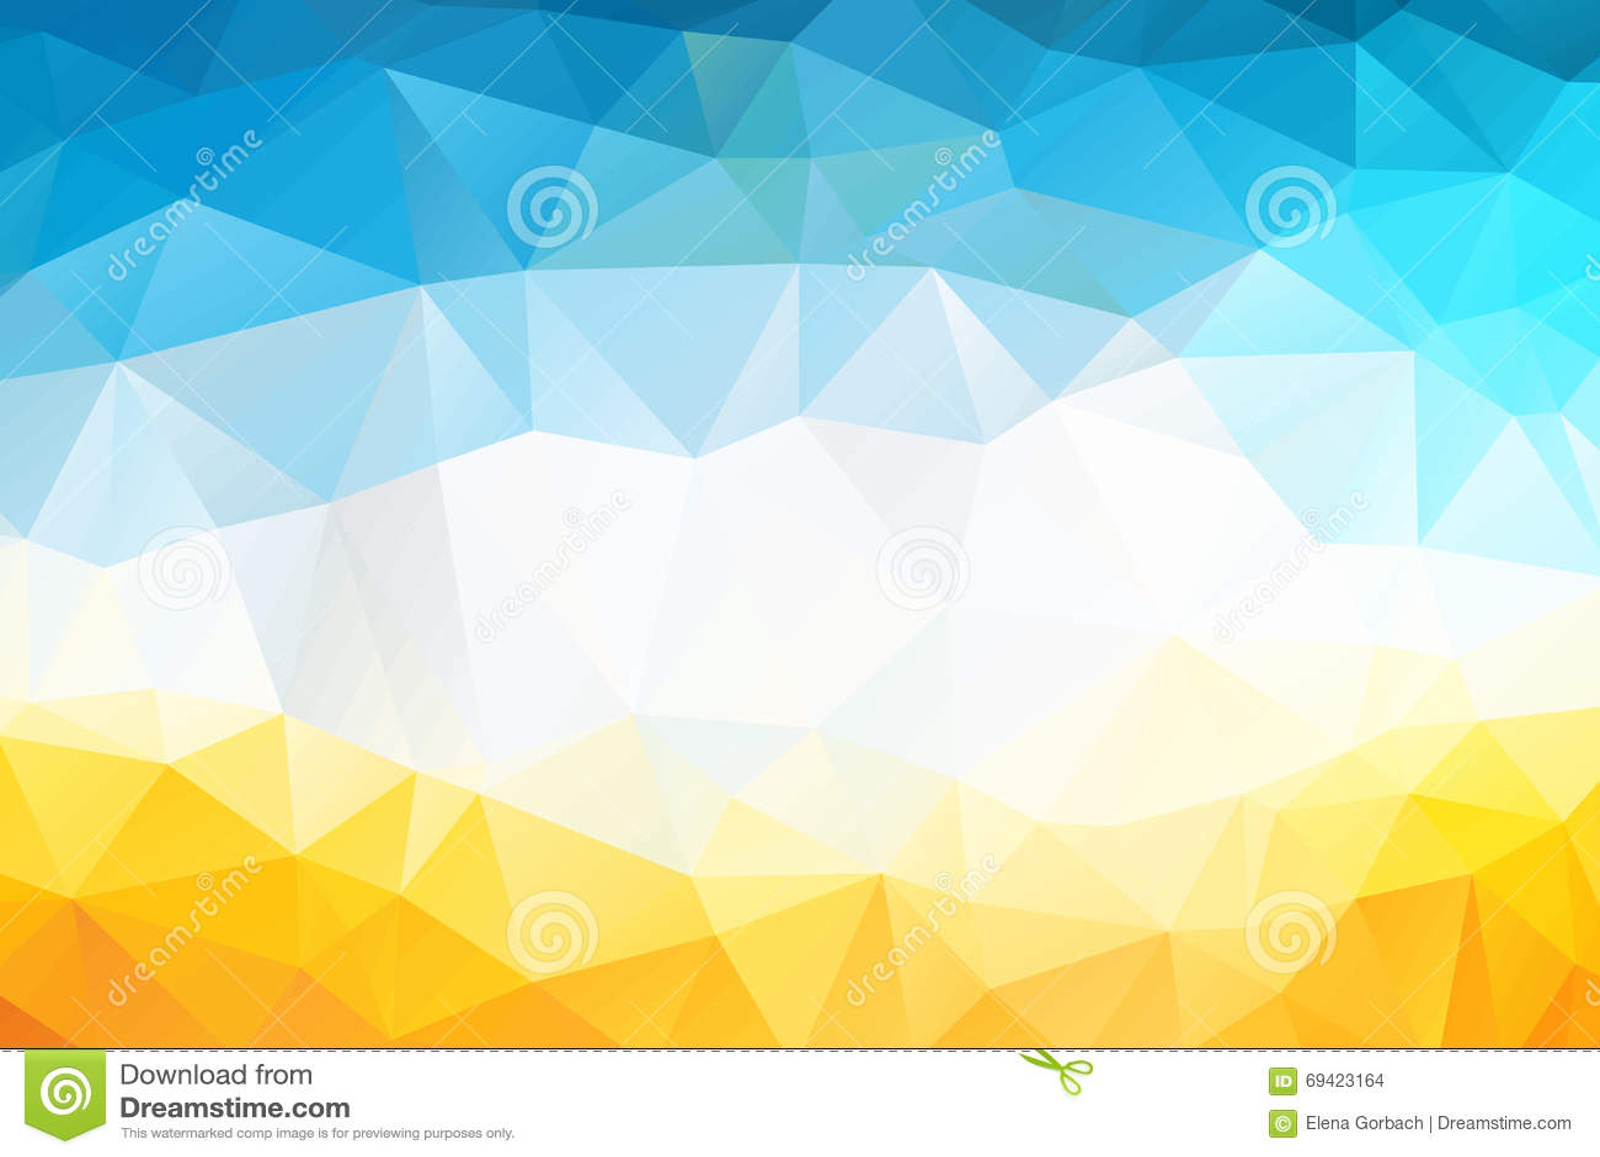 Kolorowy zawijas tęczy wieloboka tło lub wektor rama Abstrakcjonistycznego trójboka Geometrical tło, Wektorowa ilustracja